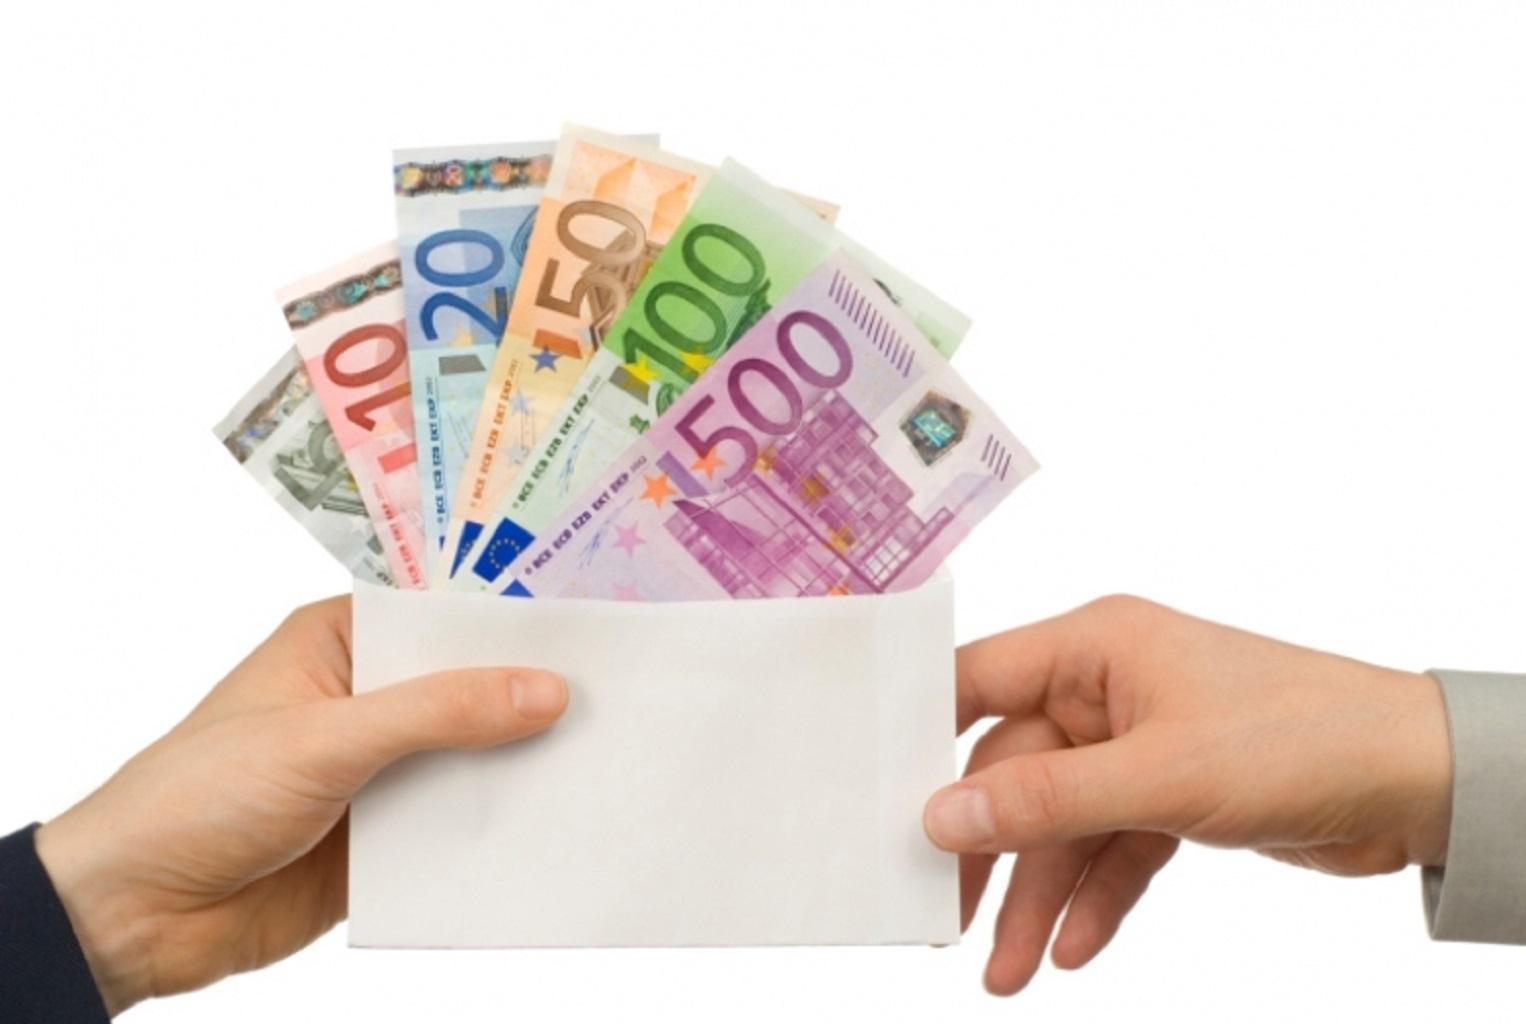 Finanziamenti in Italia +5%: boom di prestiti nel nostro paese